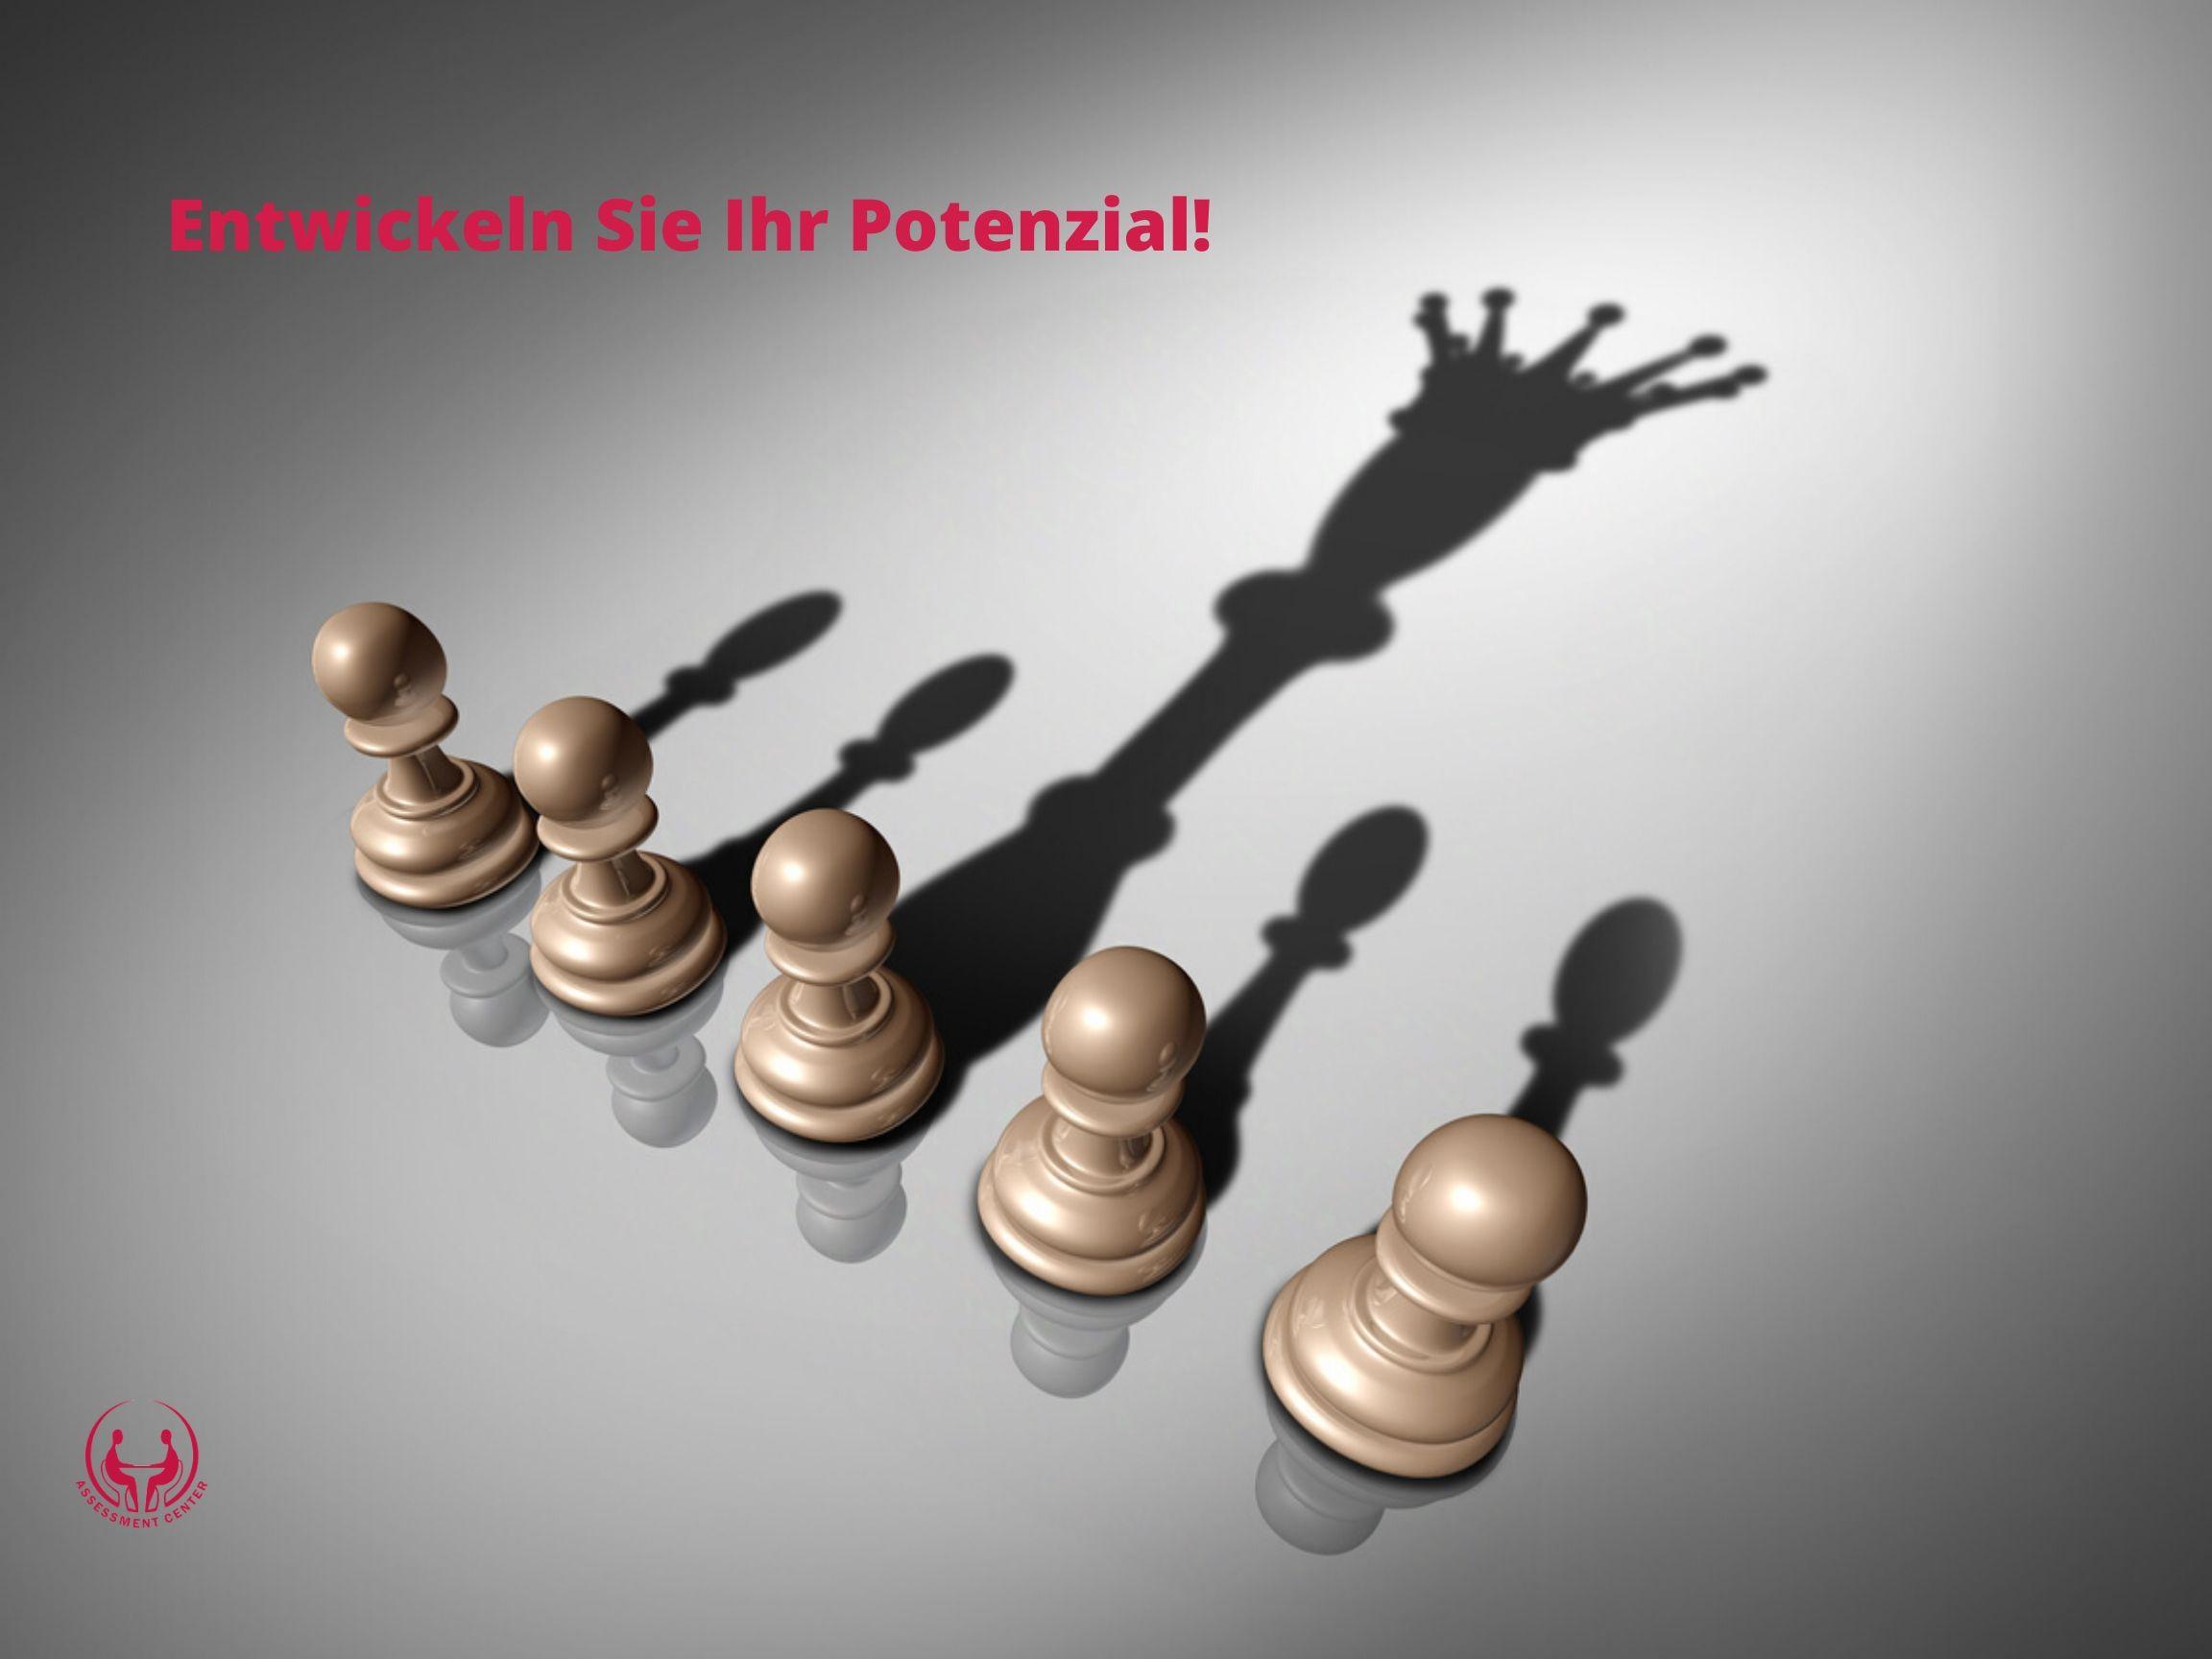 Entwickeln Sie Ihr Potenzial